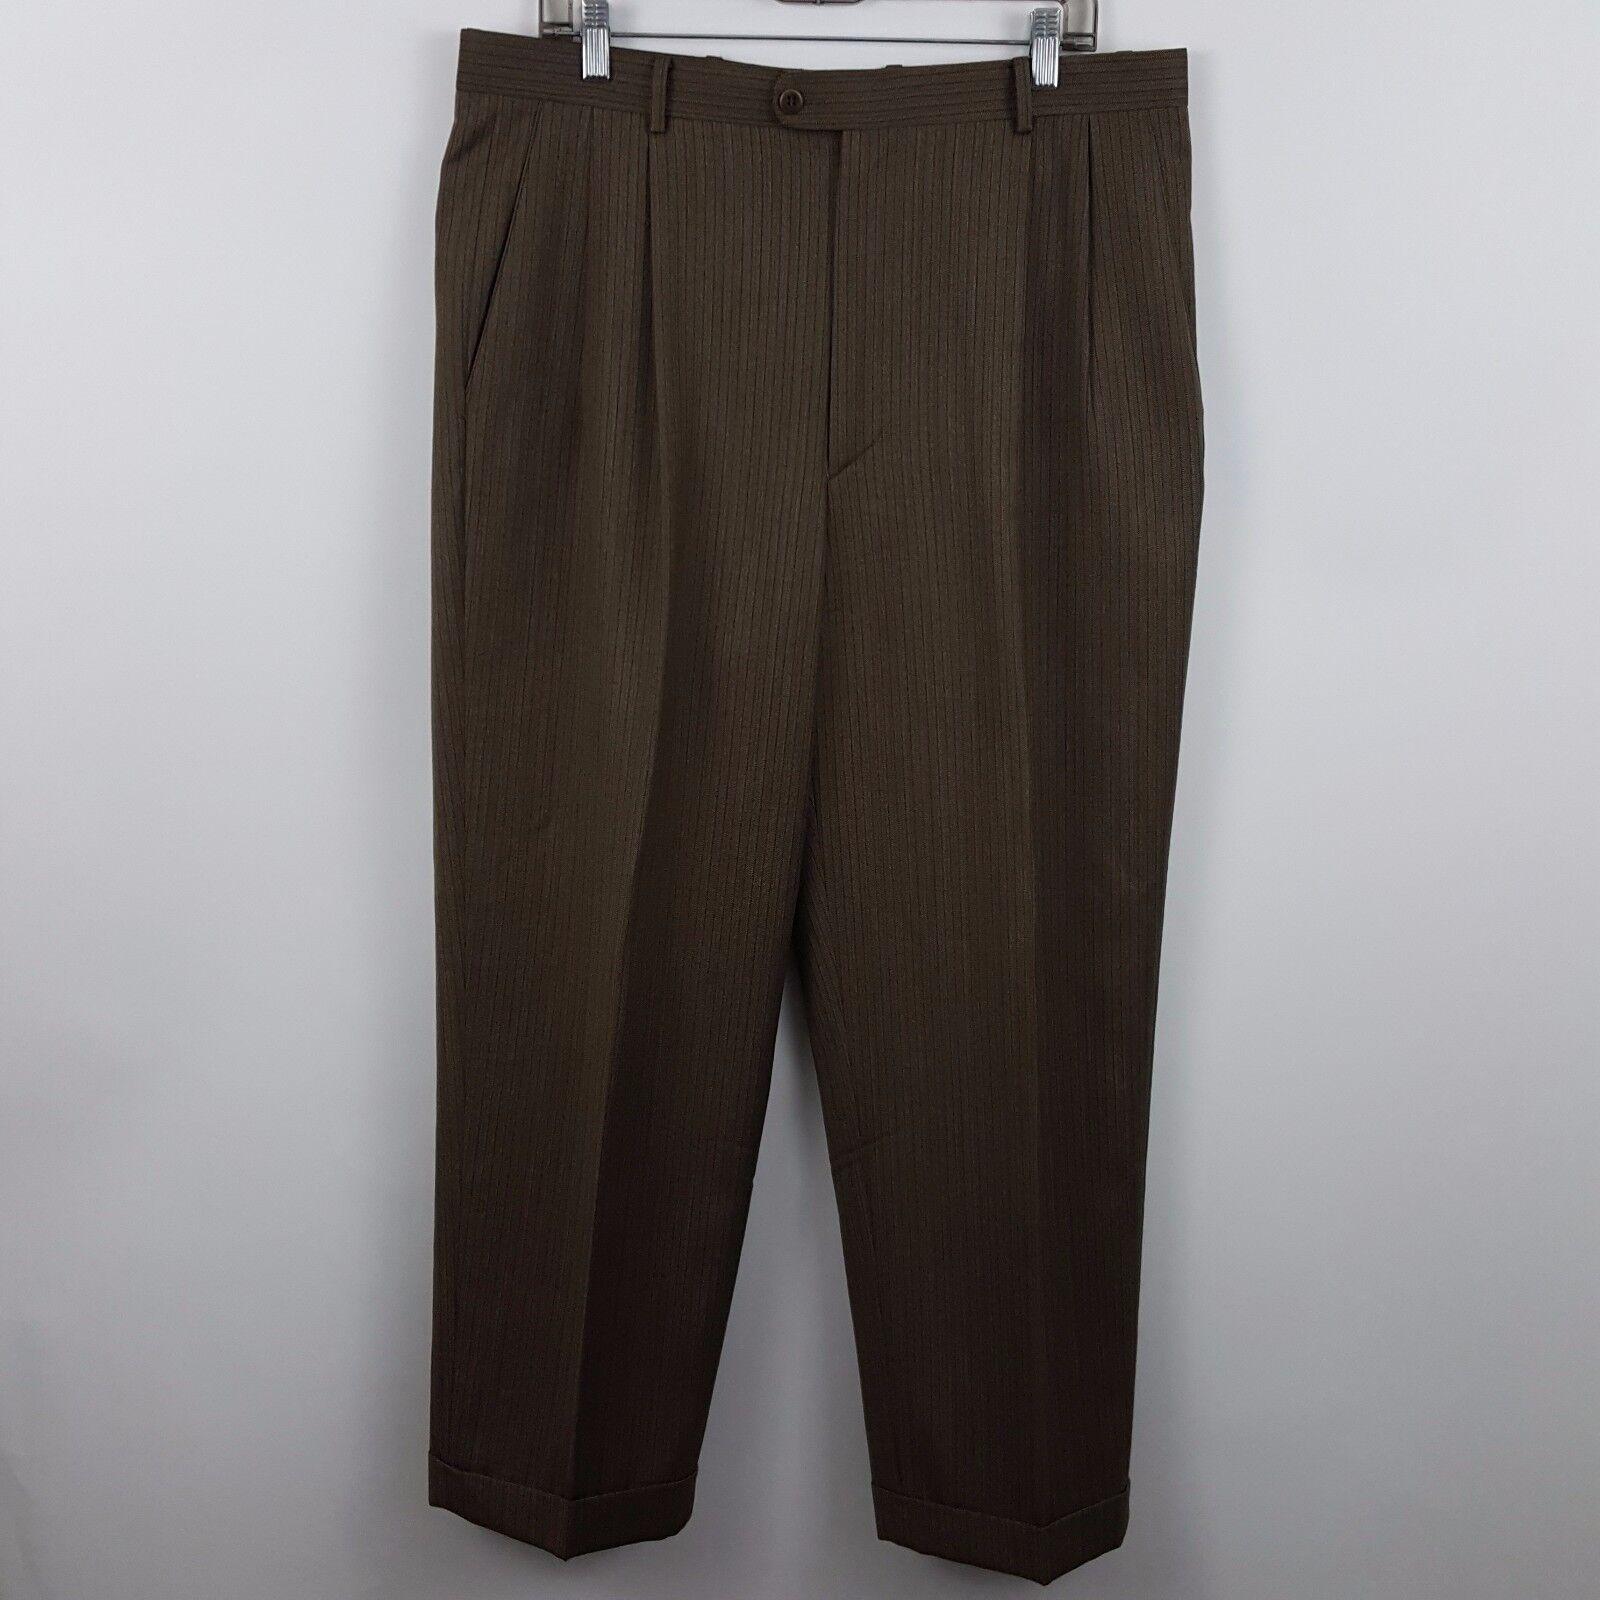 Zanella Austin Brown Stripe Herringbone Pleated Cuffed Men's Dress Pants 36 x 28